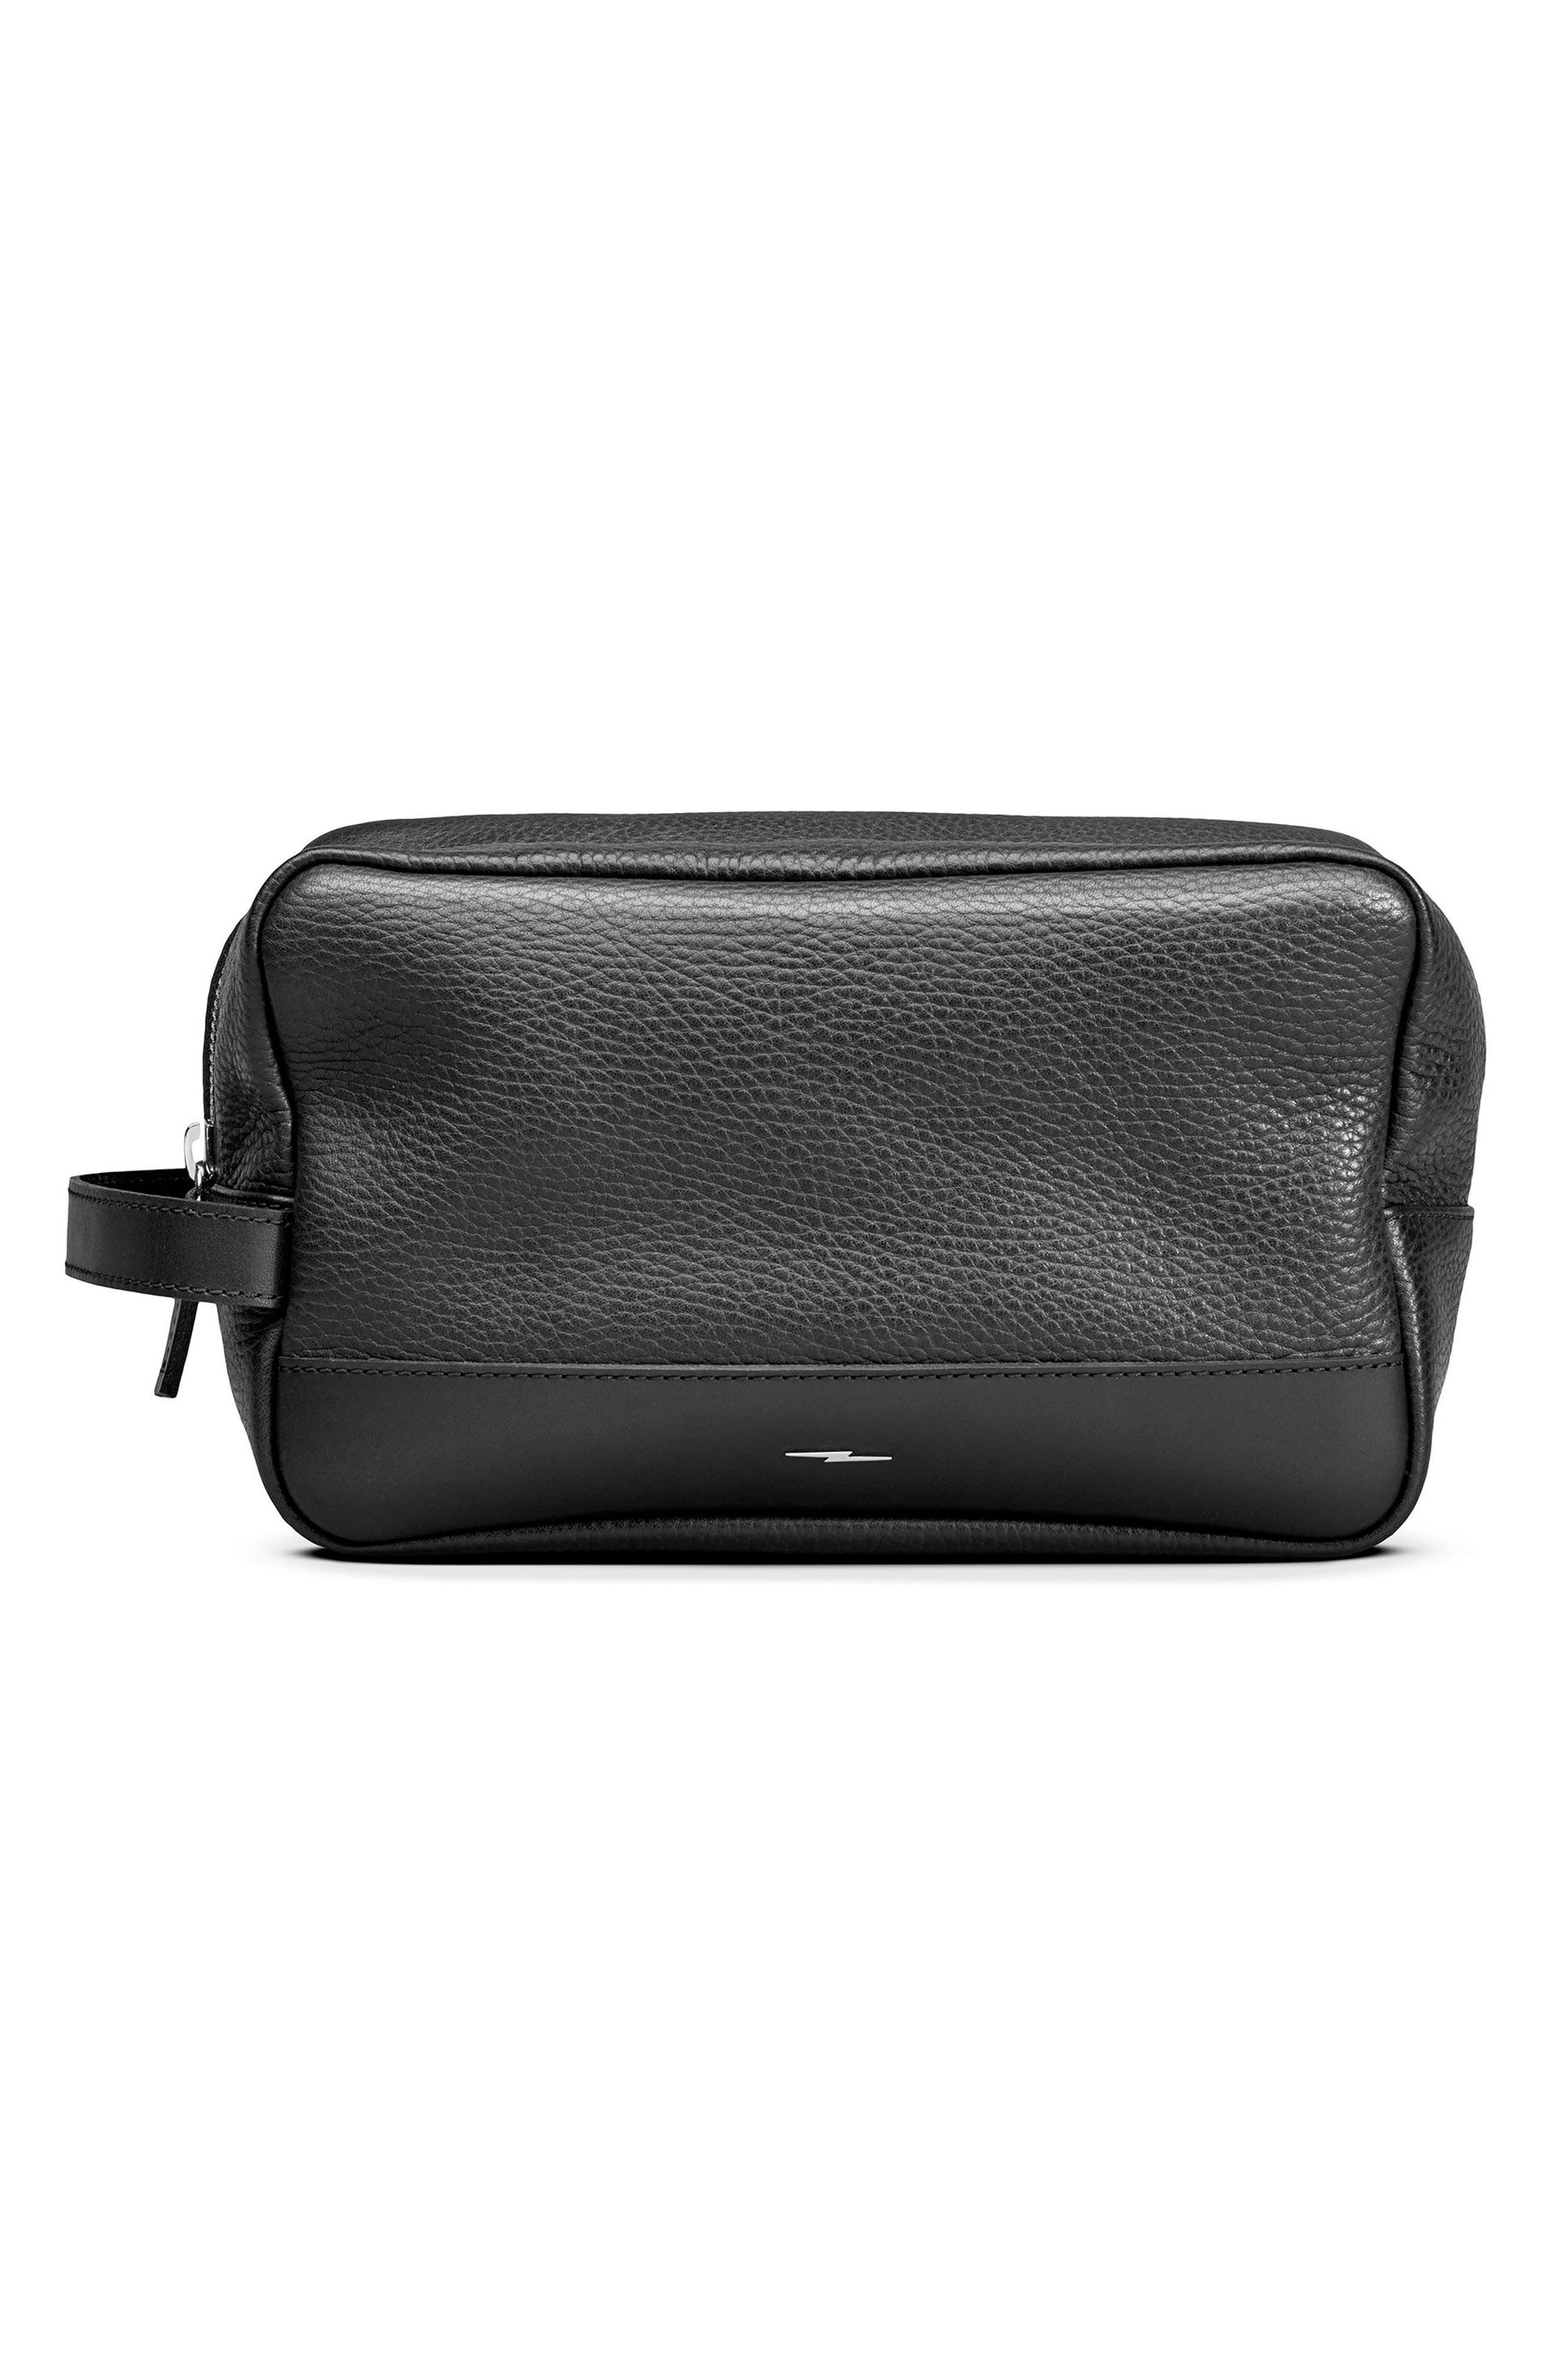 Leather Travel Kit,                             Main thumbnail 1, color,                             BLACK